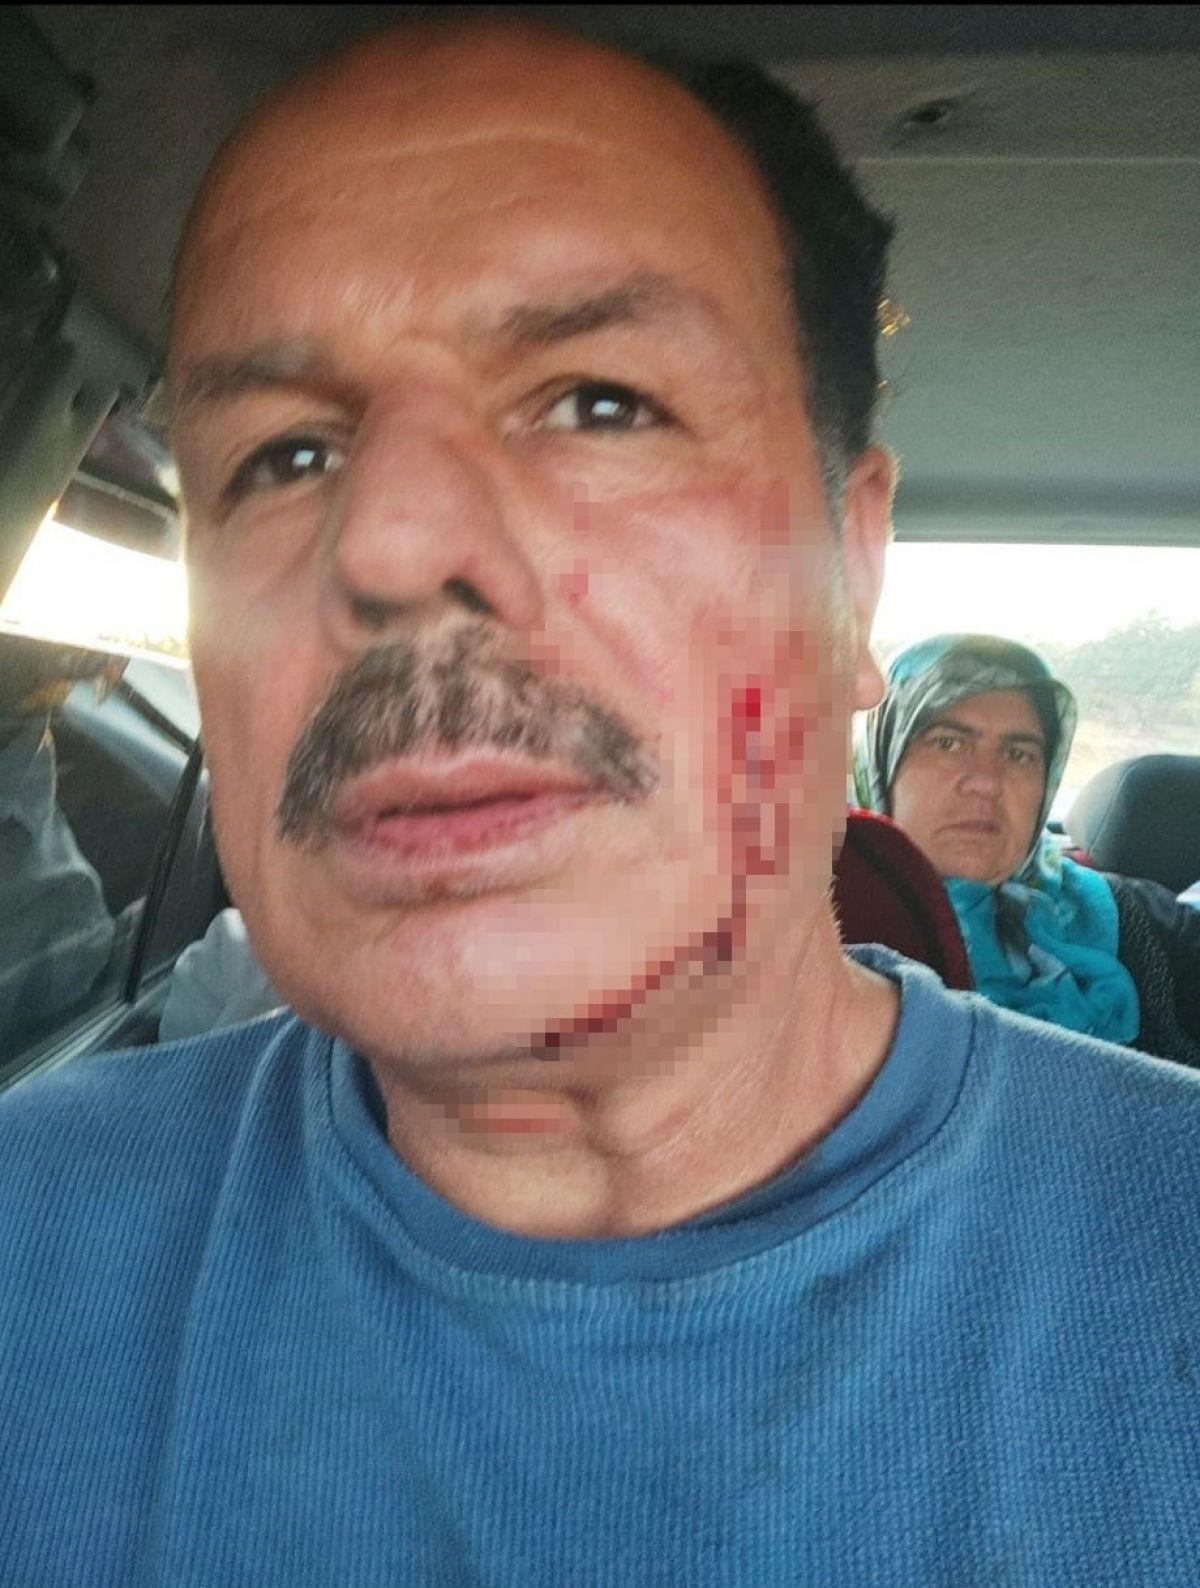 Gaziantep te eski damat dehşeti: Engelli kayınpederini dövdü #6